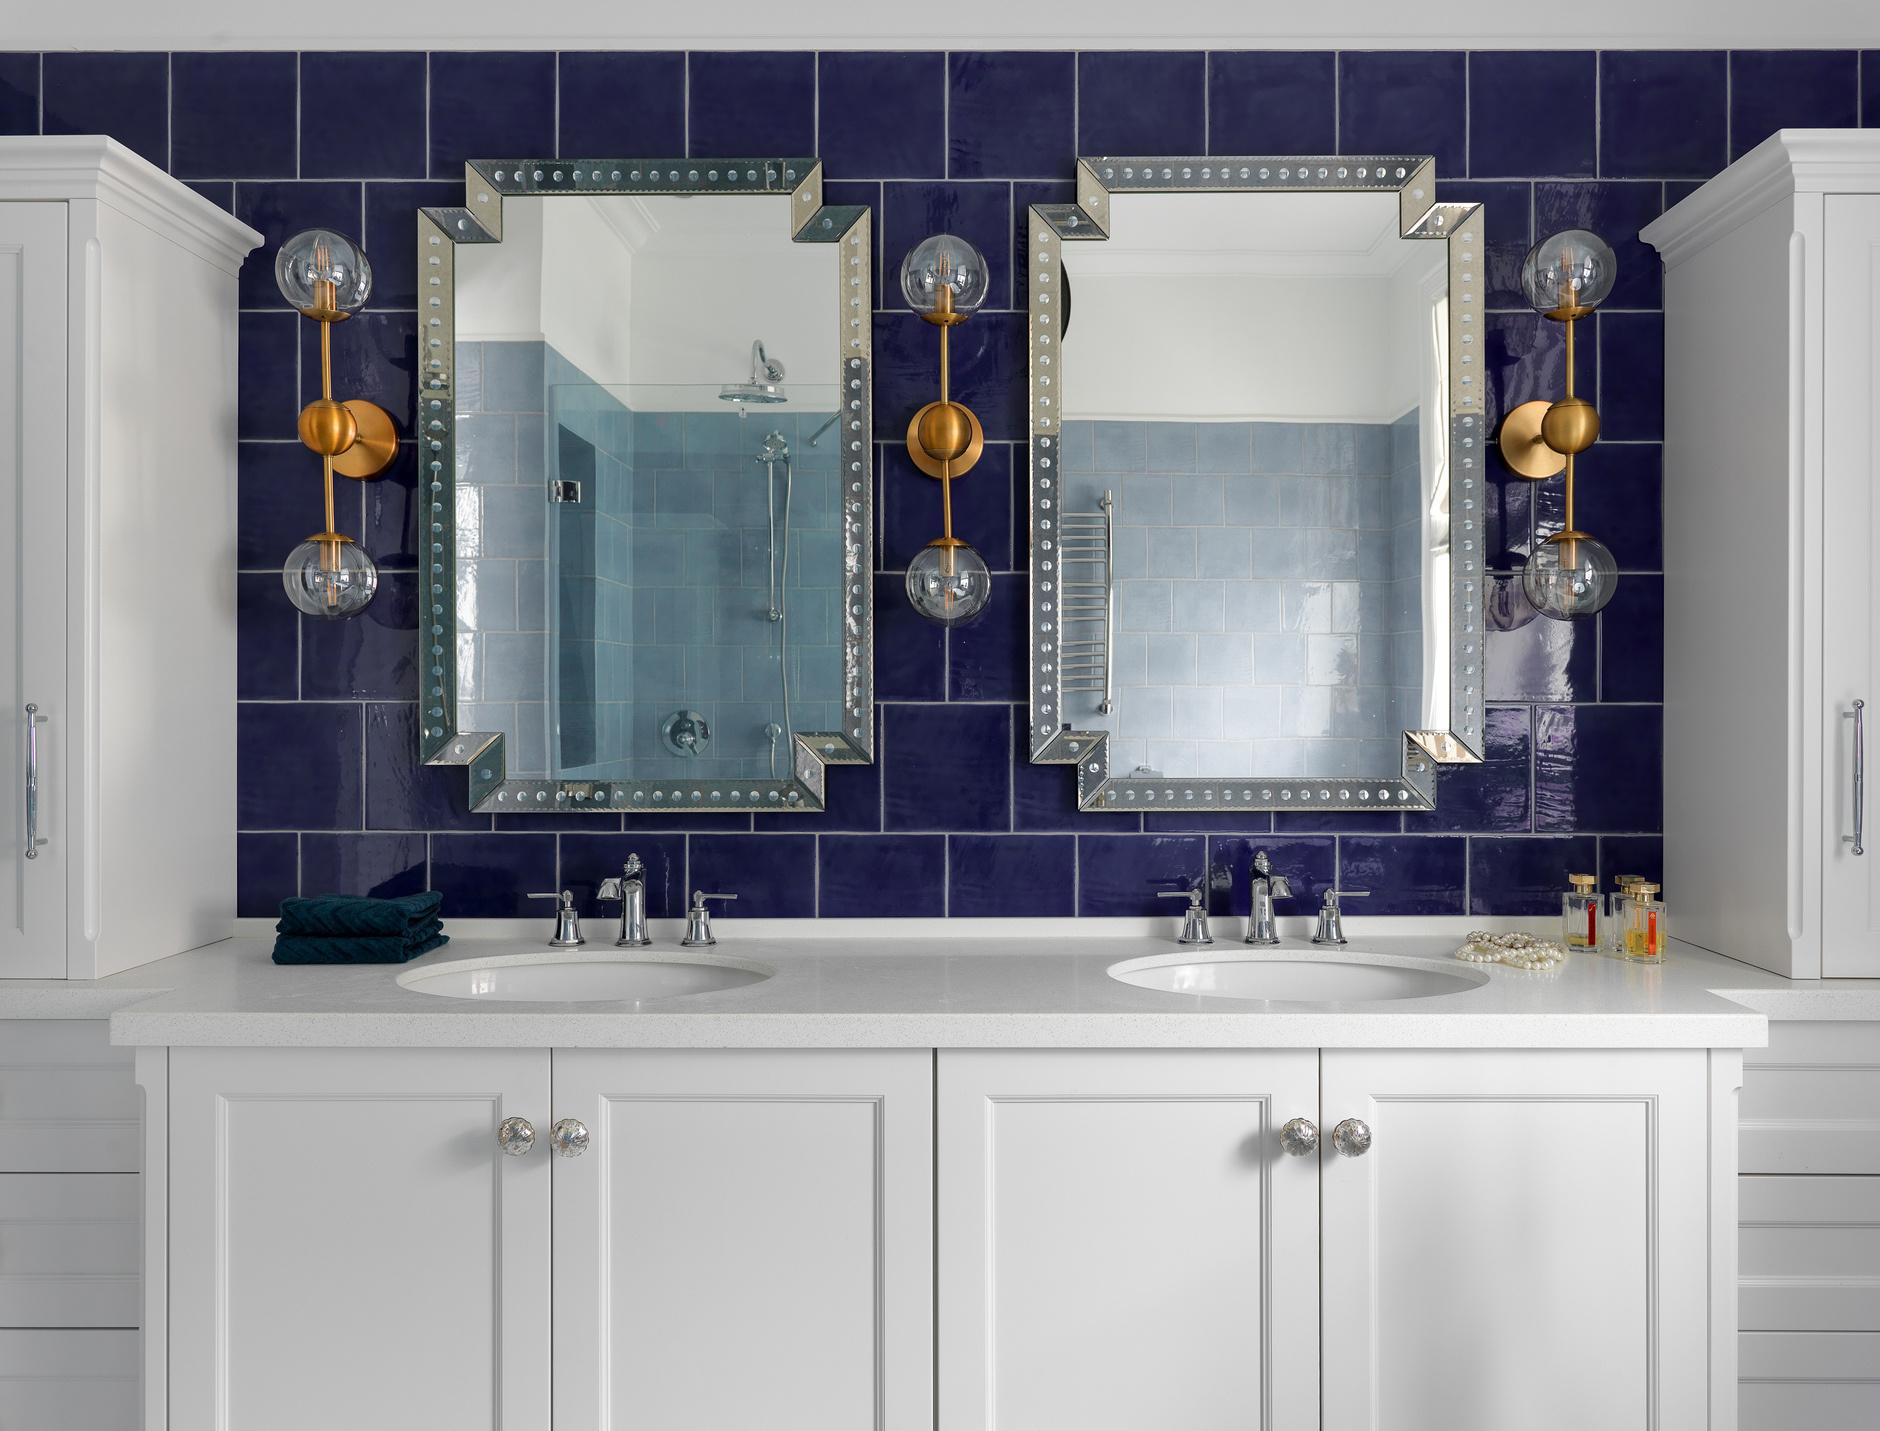 Одна ванная, две раковины: 20 примеров (галерея 1, фото 3)